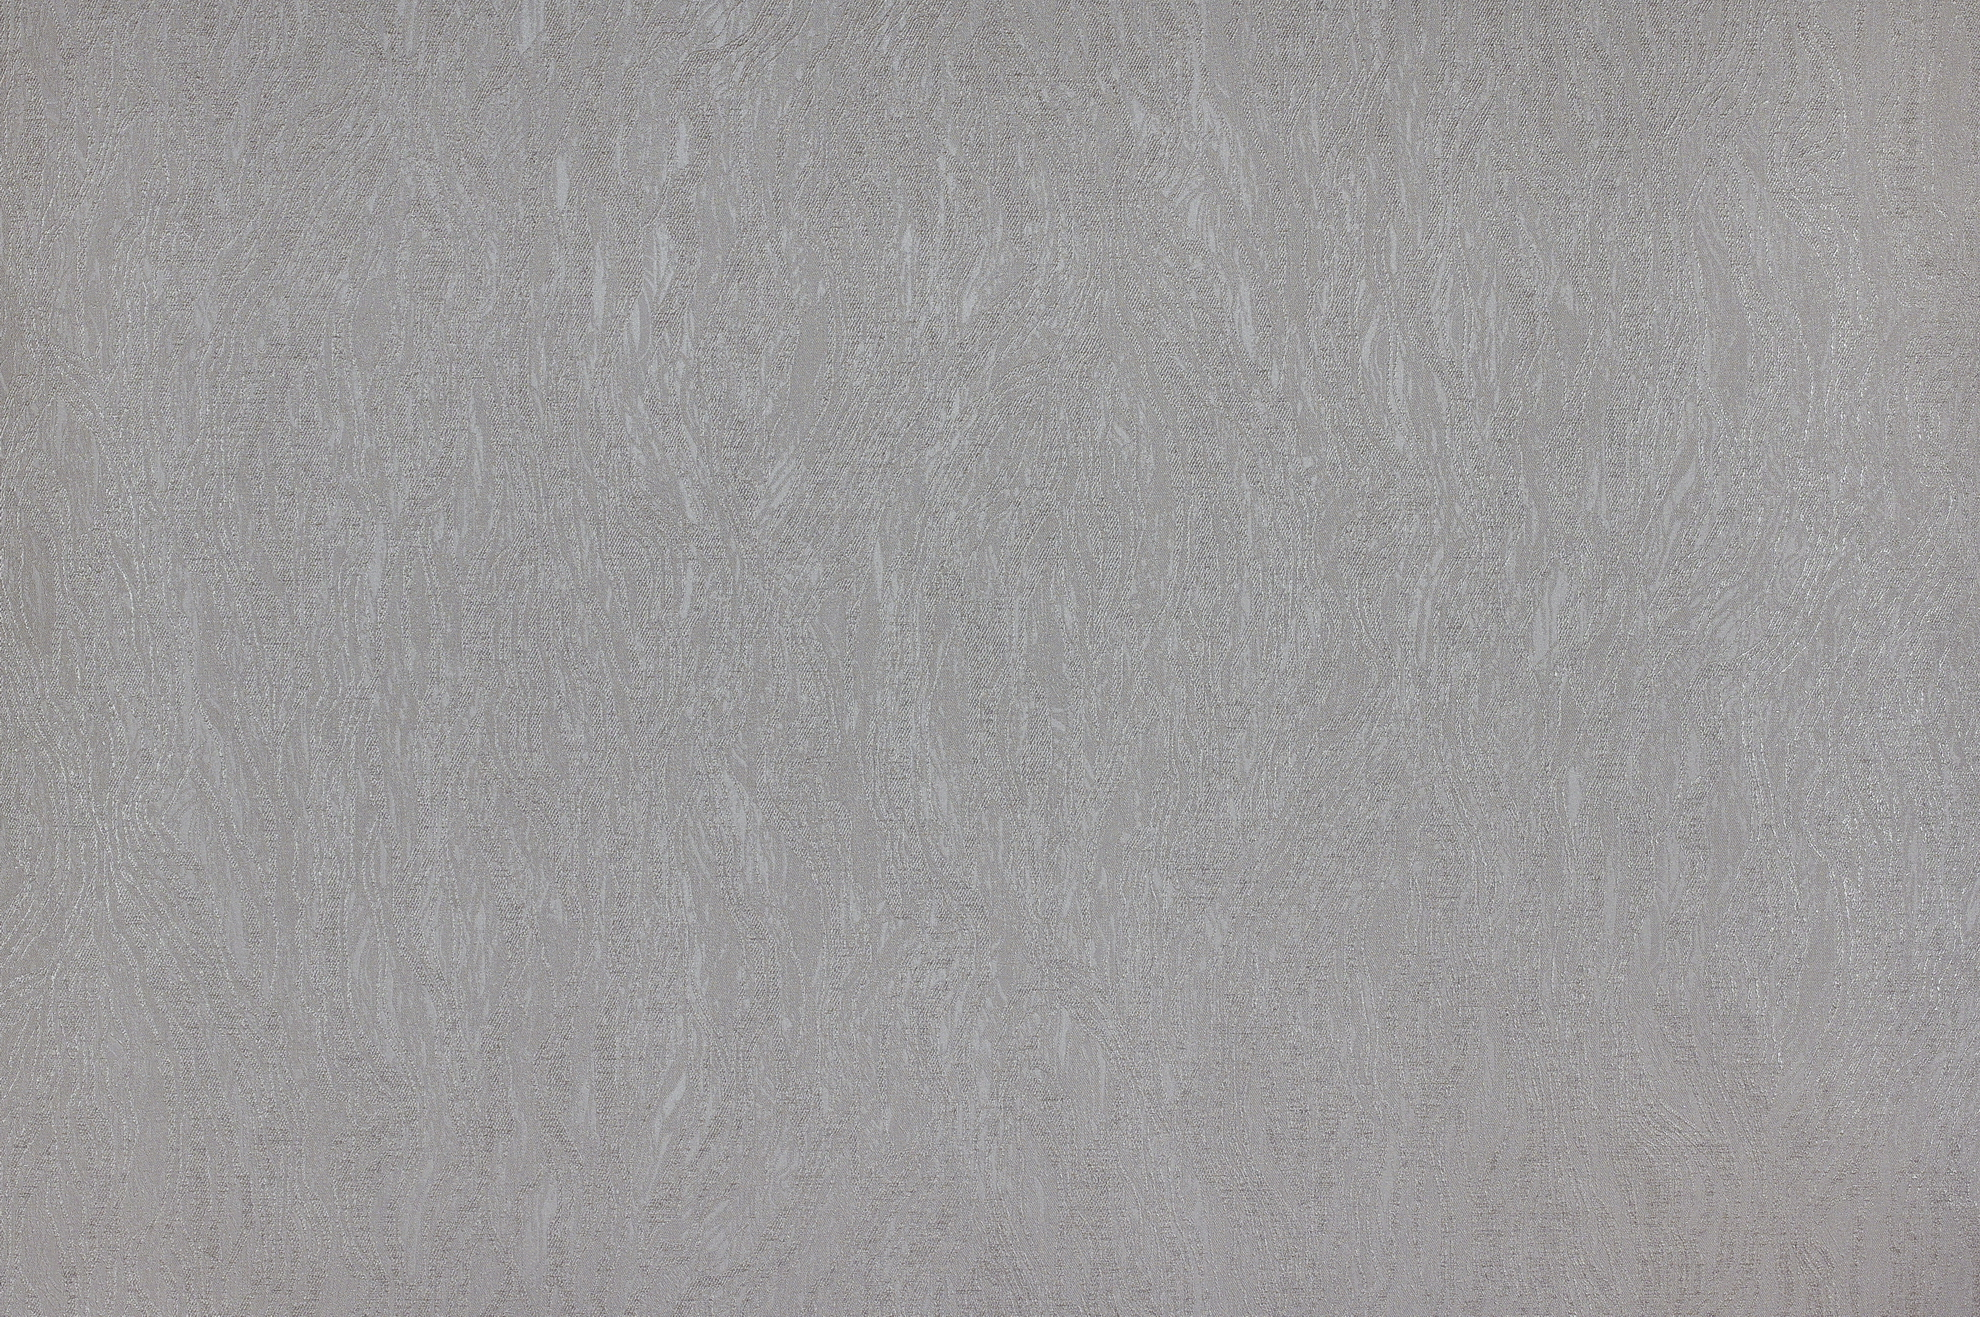 10112-05 Обои 1,06*10 м флиз горяч тисн Дамаско фон сер